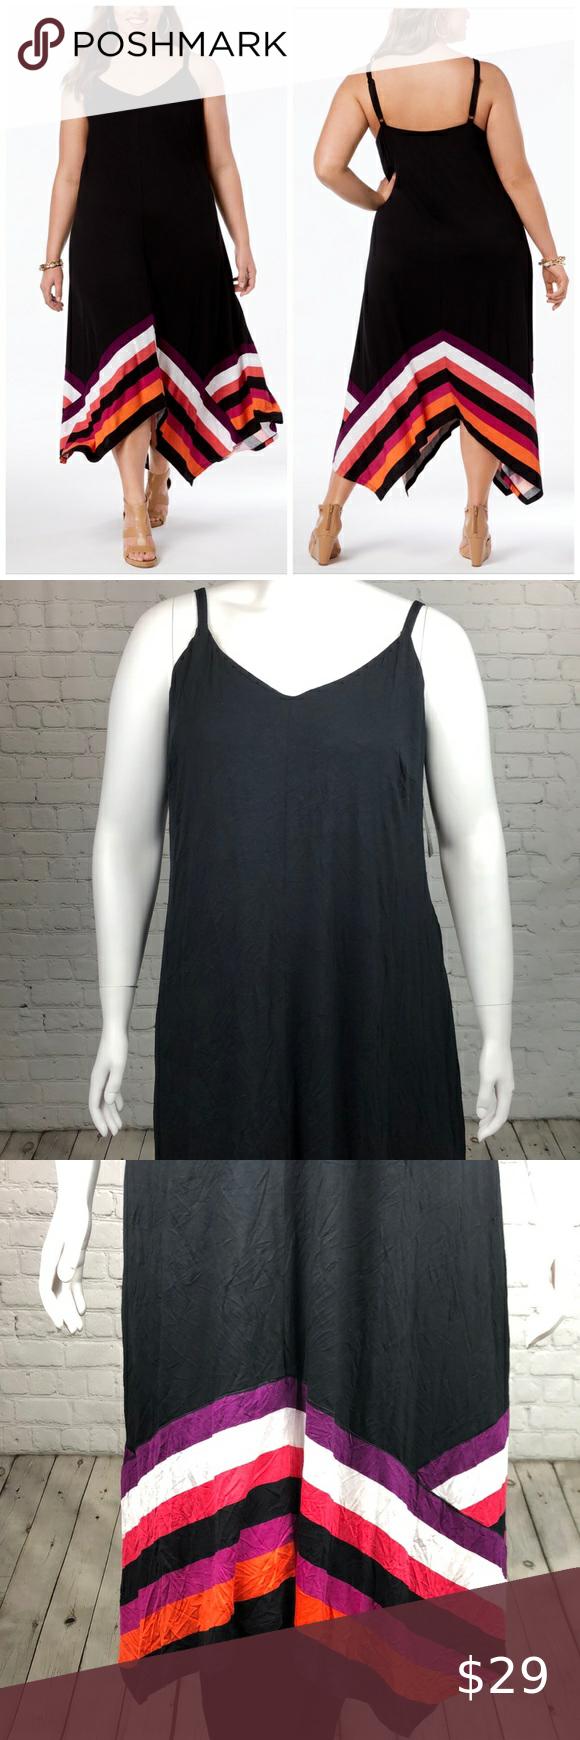 2x 3x Handkerchief Hem Maxi Dress Plus Size Fashion Clothes Design Plus Size Maxi Dresses [ 1740 x 580 Pixel ]